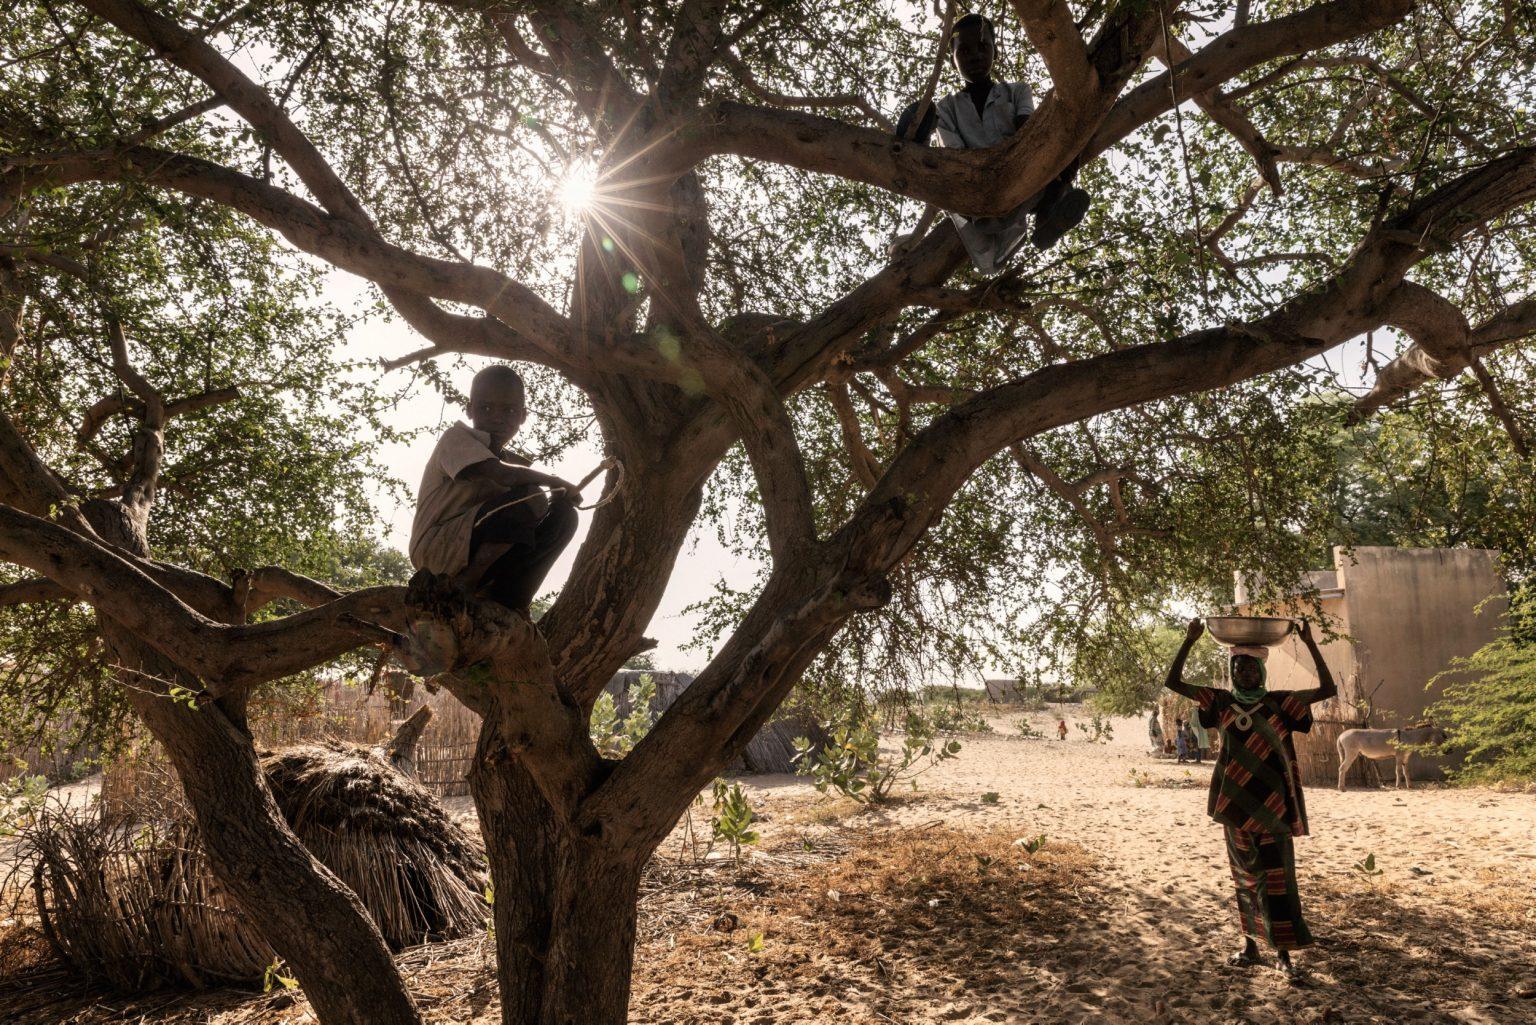 """Africa, Chad, Melea, October 2018 - Melea is a small village in the ?Lac Region? of Chad. The humanitarian emergency across the Lake Chad basin is one of the world?s most severe. This year, around 10.7 million people need relief assistance to survive. >< Africa, Ciad, Melea, Ottobre 2018 - Melea è un piccolo villaggio nella """"Lac Region"""" del Ciad. L'emergenza umanitaria lungo il bacino del Lago Ciad è una delle più gravi nel mondo. Quest'anno, circa 10.7 milioni di persone hanno bisogno di assistenza per sopravvivere. *** SPECIAL   FEE   APPLIES *** *** Local Caption *** 01362900"""